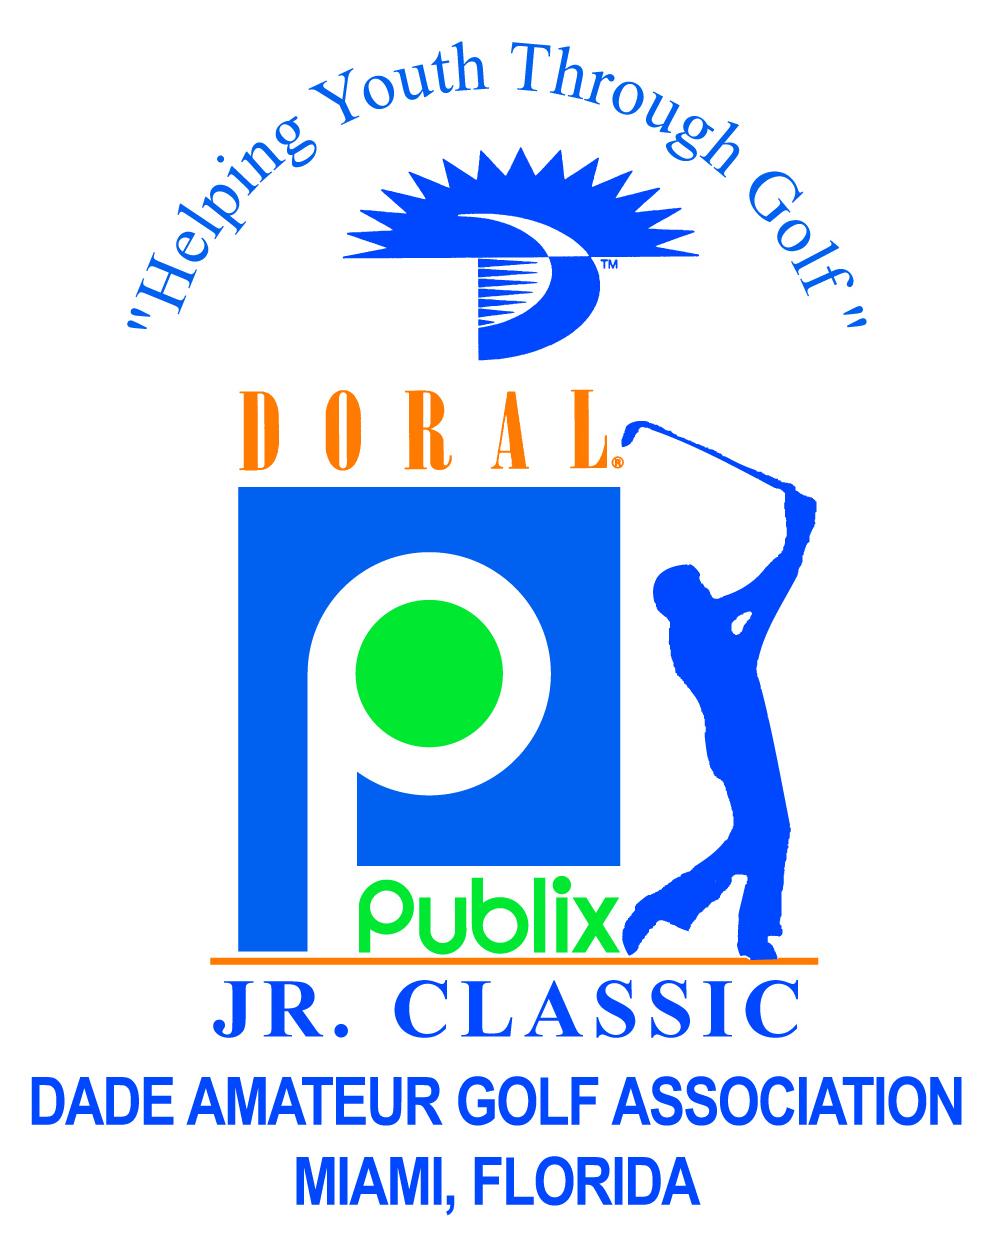 Otto italiani al Doral Publix Junior Classic, Parte Seconda